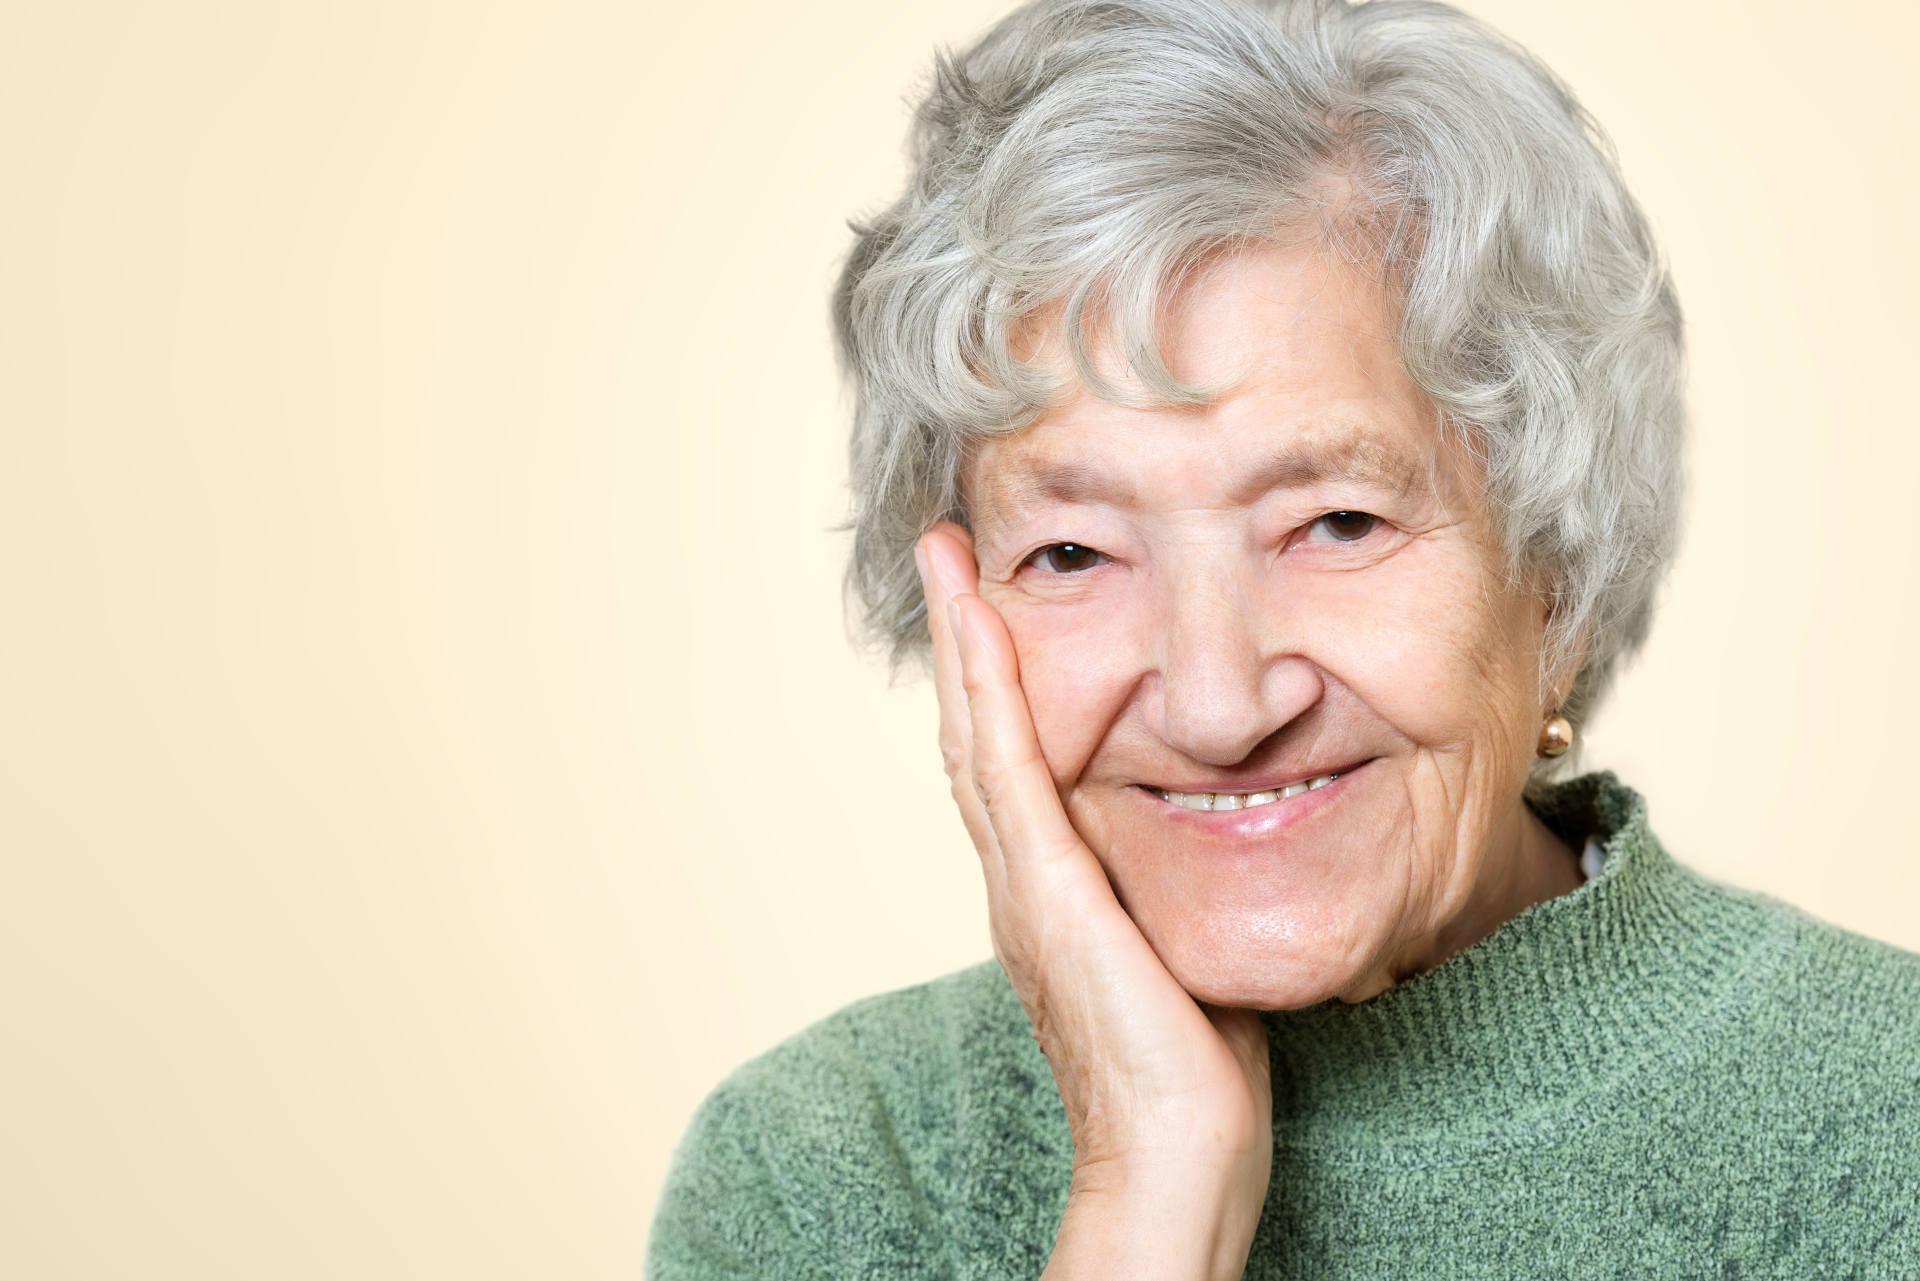 Wir möchten, das jeder auch im Alter Zuhause leben kann. Deshalb vermitteln wir bereits seit über 15 Jahren Betreuerinnen an Senioren, welche eine Betreuung benötigen. Melden Sie sich bei uns. Auch für Sie haben wir die Richtige Betreuungsperson.